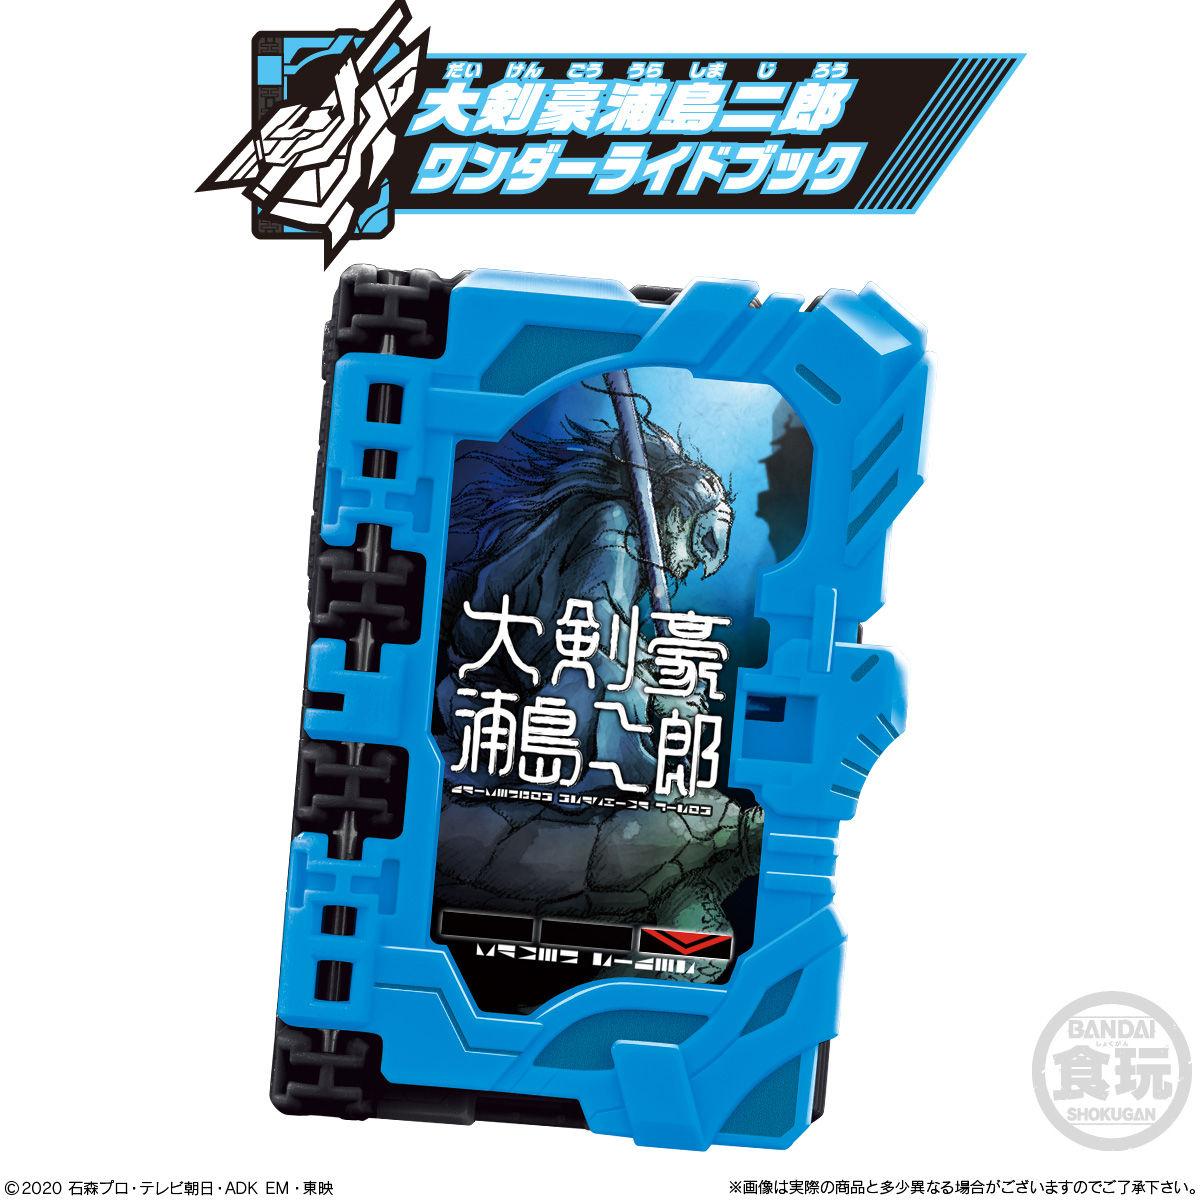 【食玩】仮面ライダーセイバー『コレクタブルワンダーライドブック SG05』8個入りBOX-005